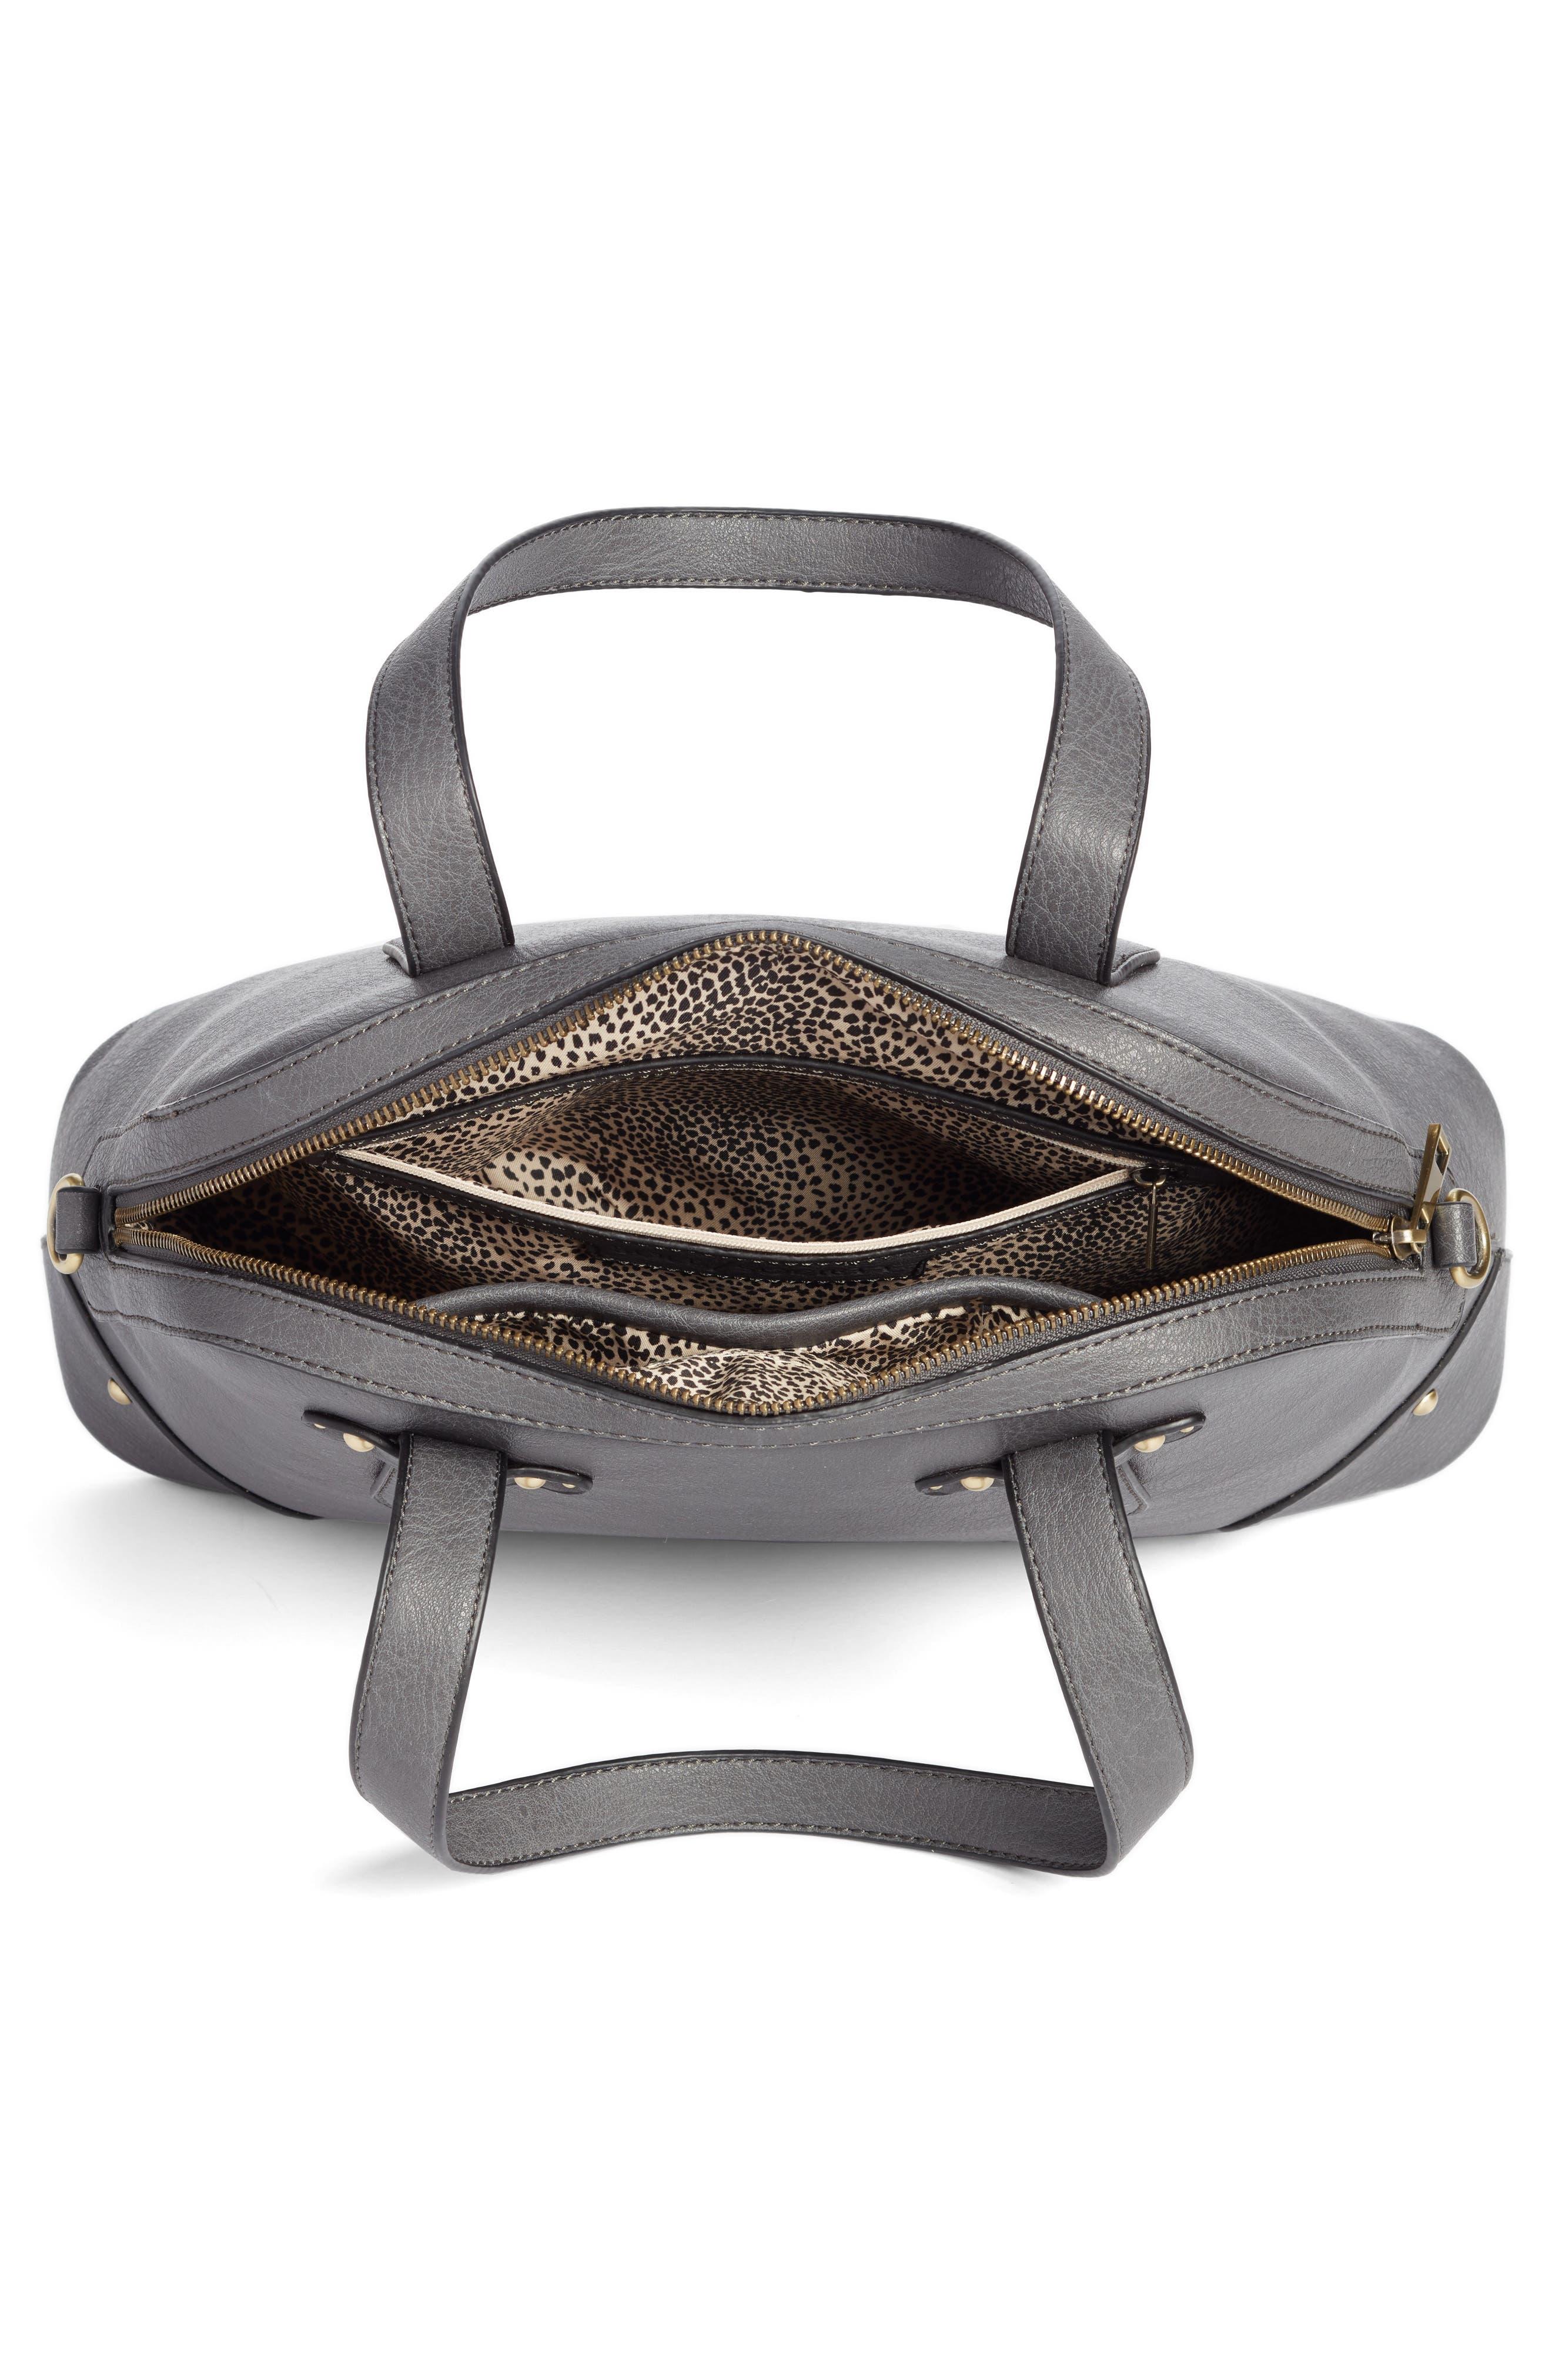 Christie Faux Leather Satchel,                             Alternate thumbnail 2, color,                             Grey